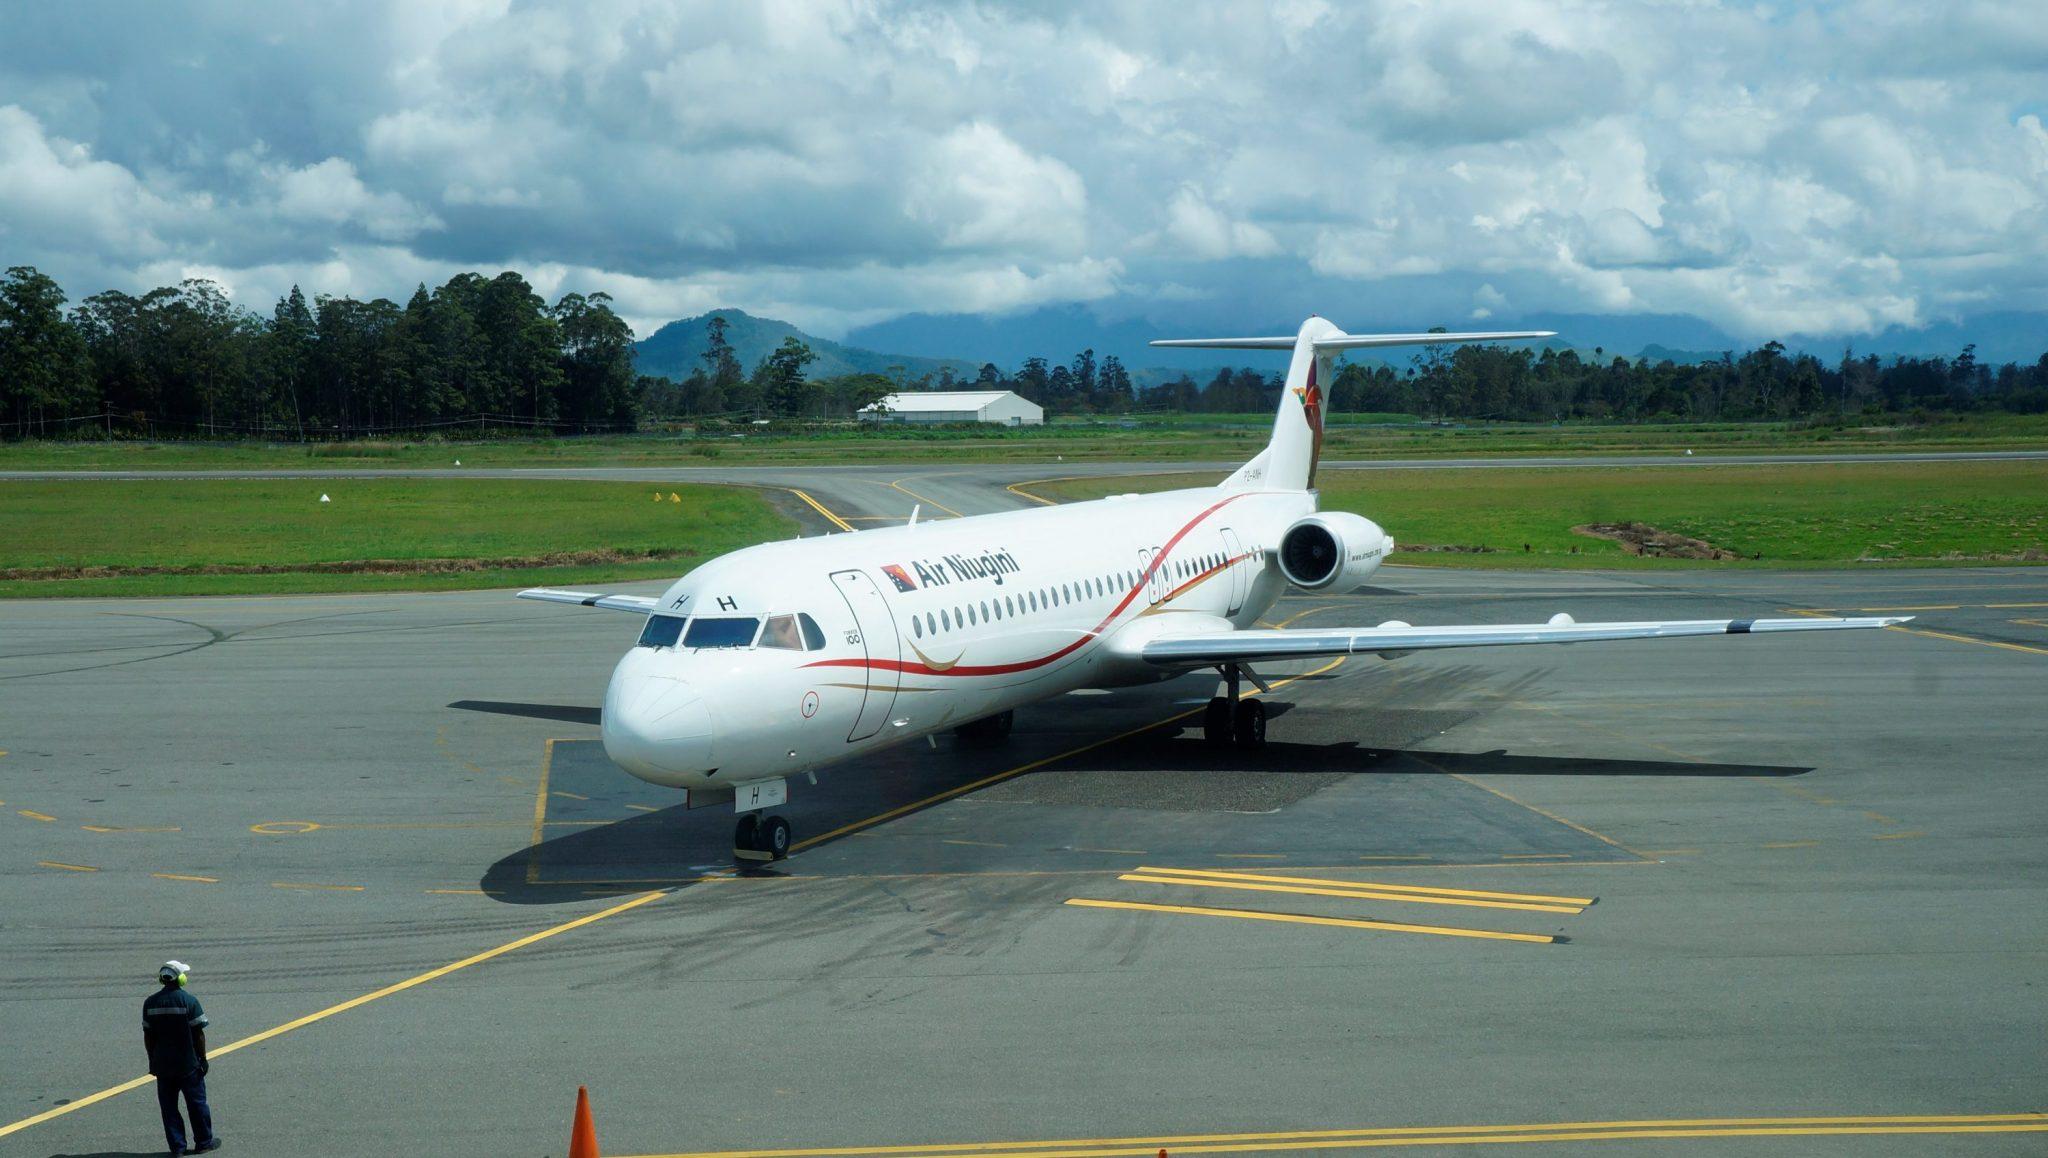 Fokker-100 Aircraft at Kagamuga International Airport in Mt Hagen